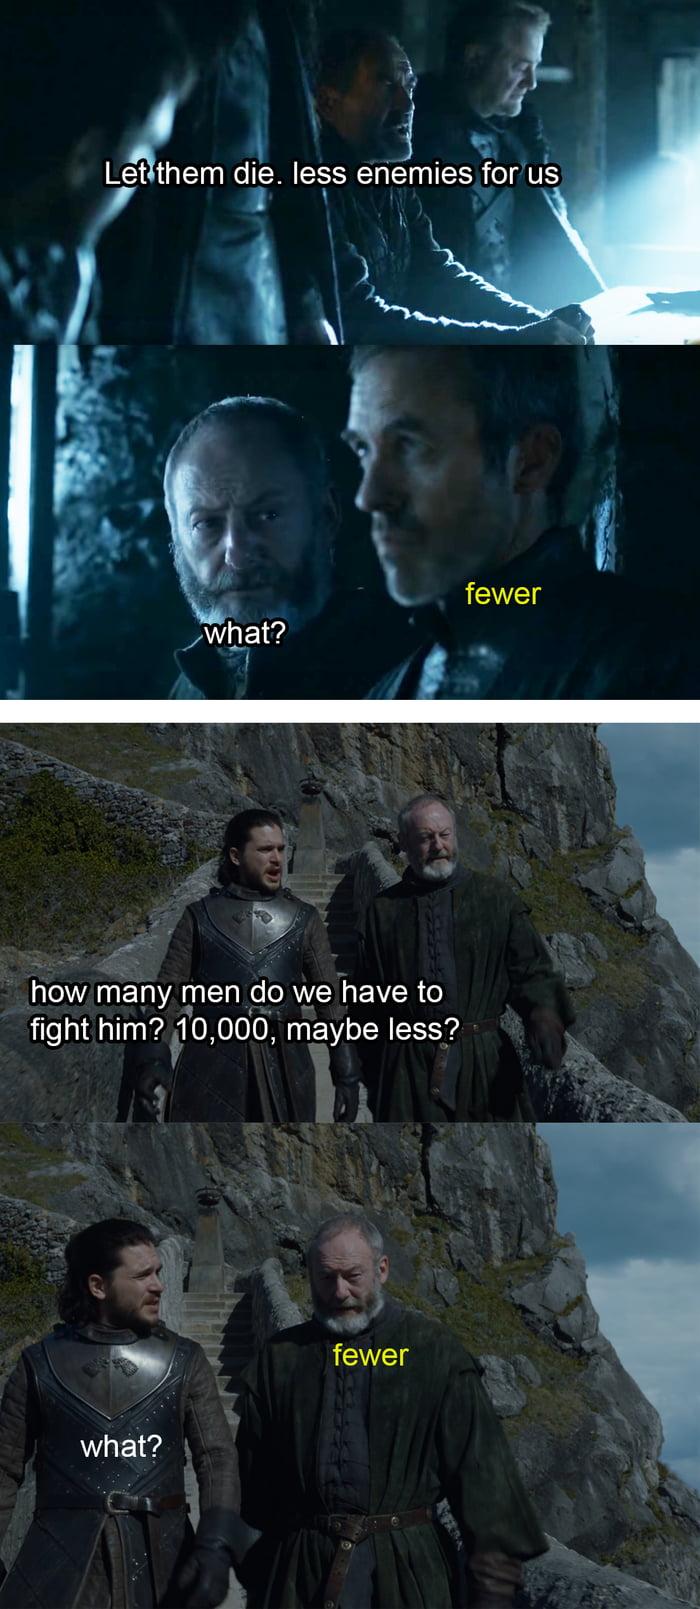 Davos did his homework